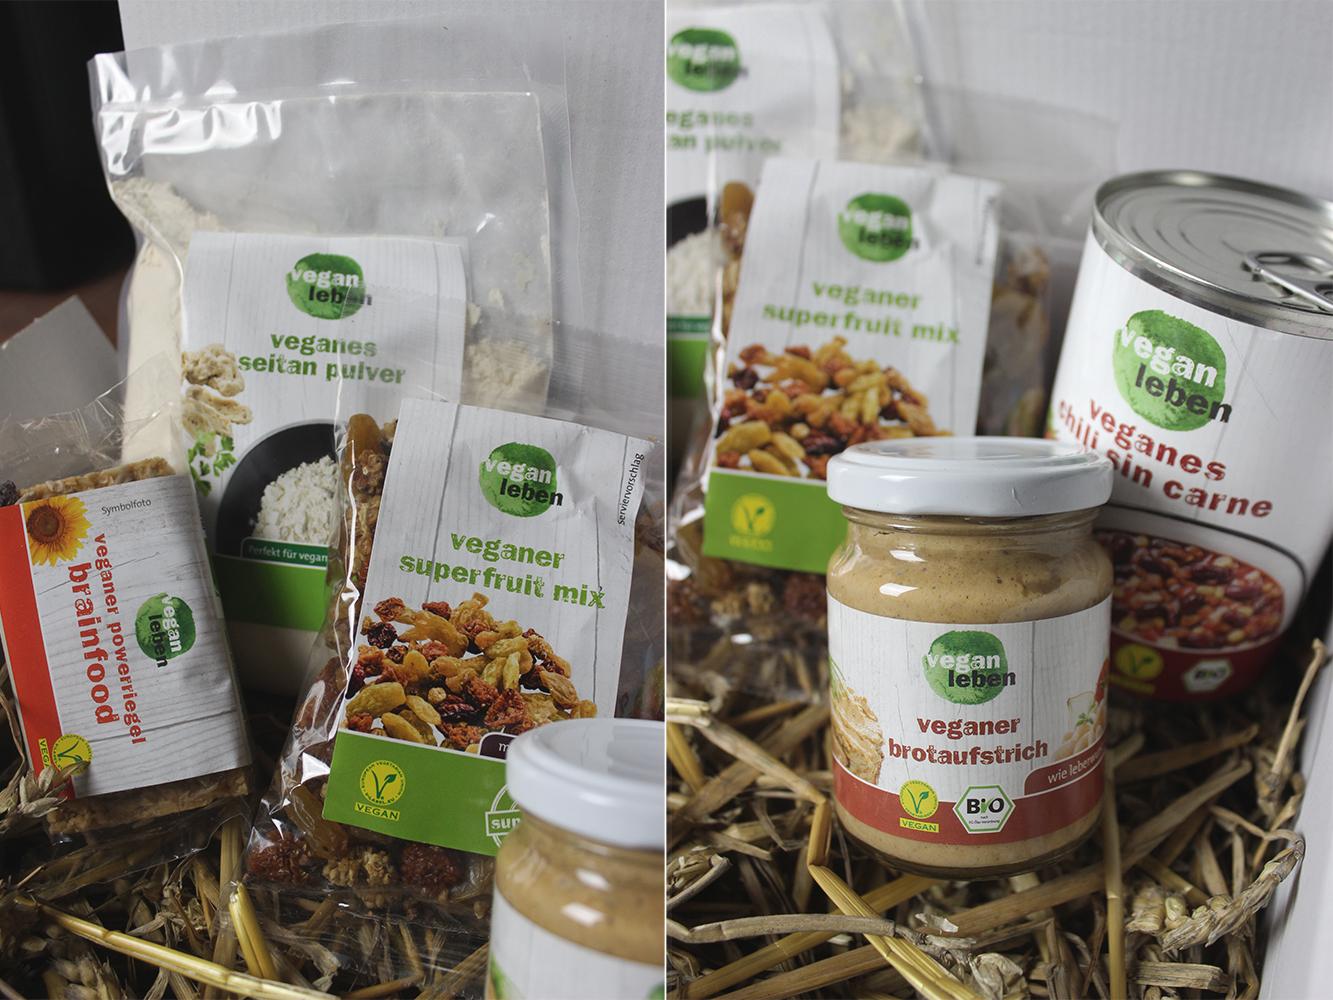 vegan leben Probier-Box – Neue Produktlinie